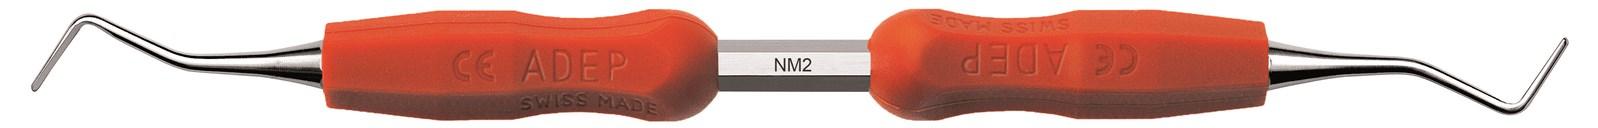 Lžičkové dlátko - NM2, ADEP světle modrý